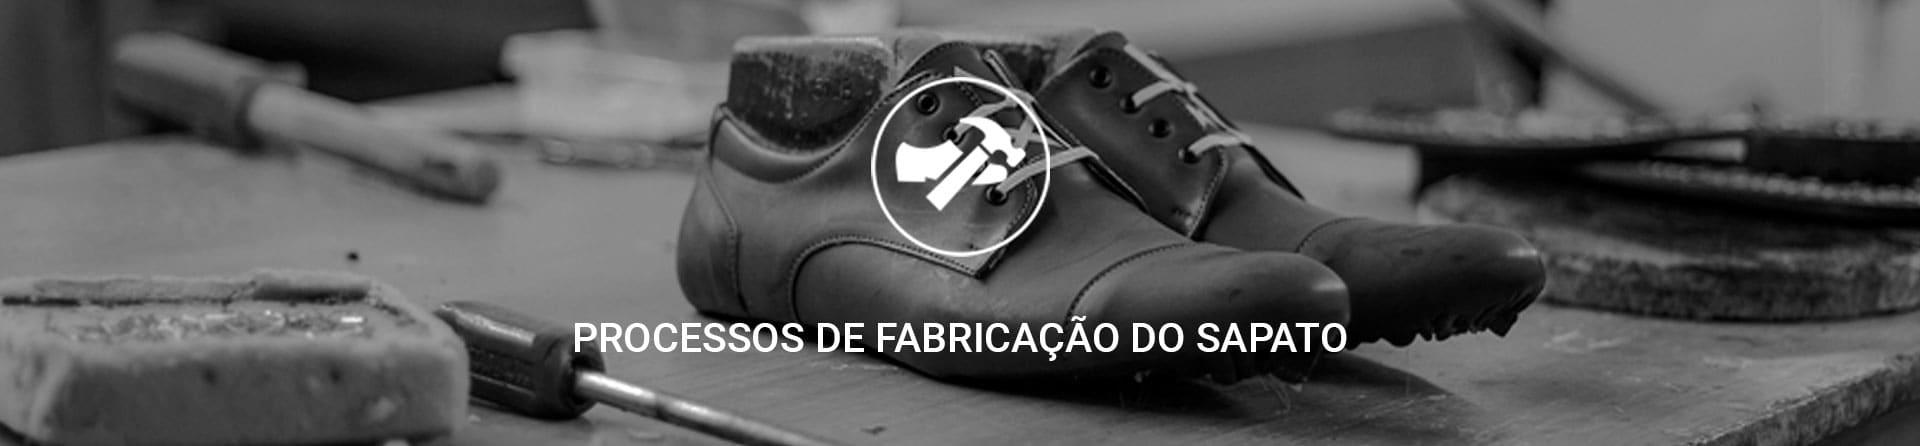 Processo de fabricação de calçados